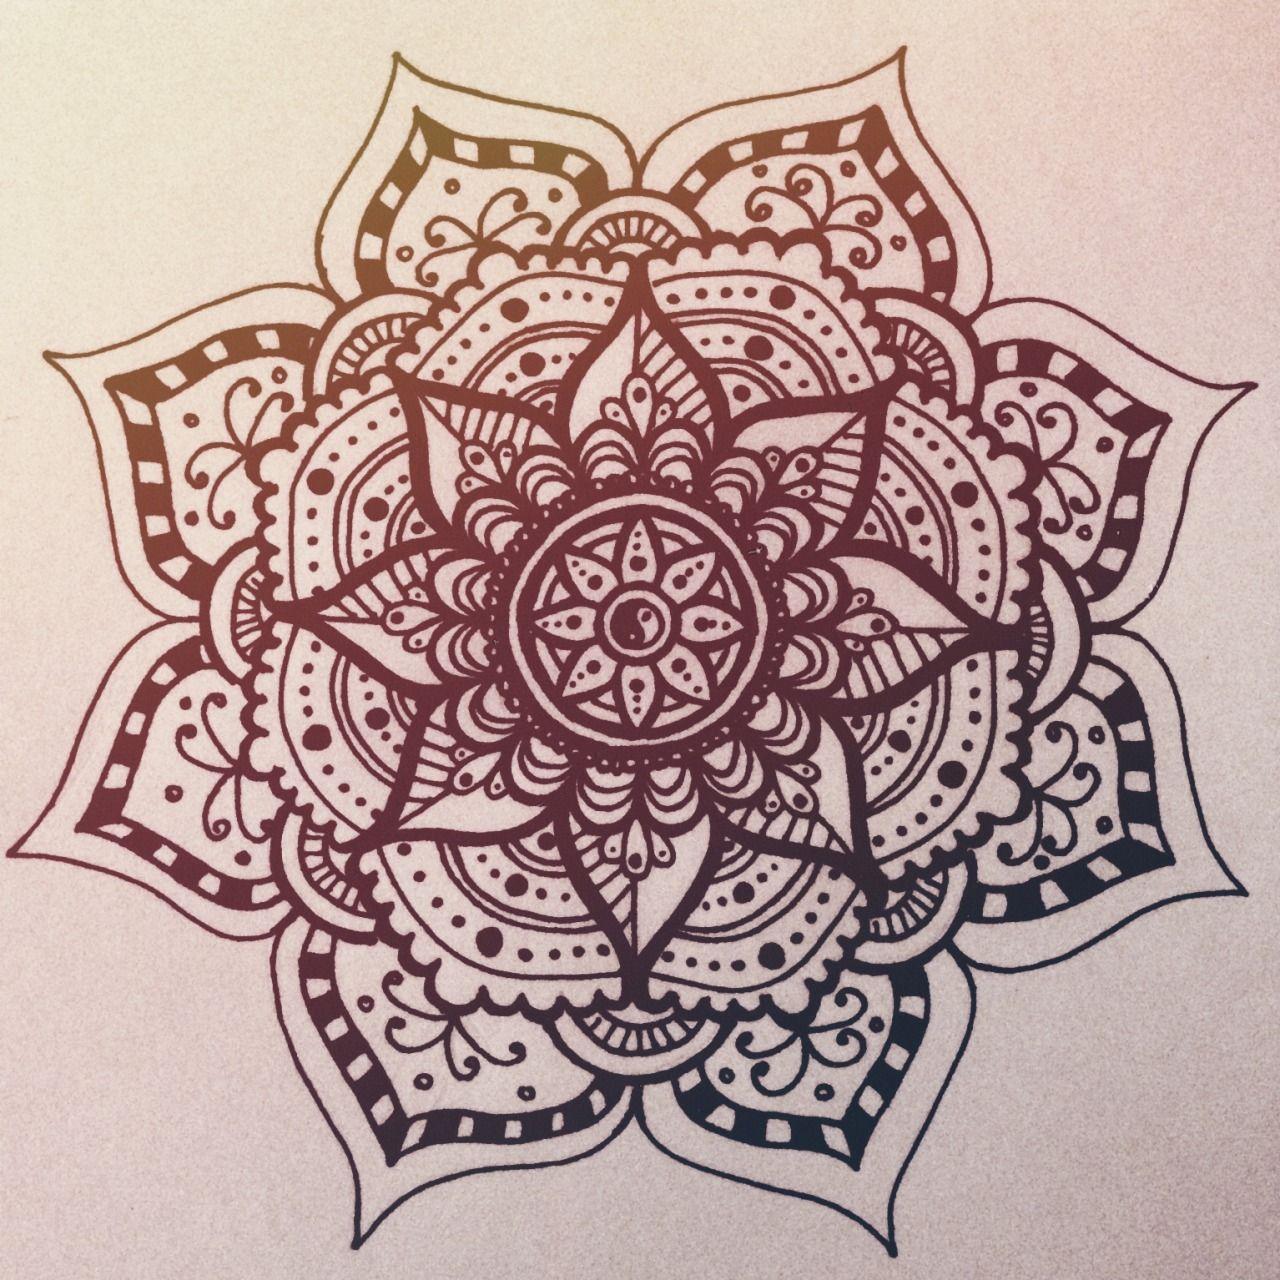 1280x1280 Mandala Tattoo Tumblr Tattoo Mandala, Tattoo